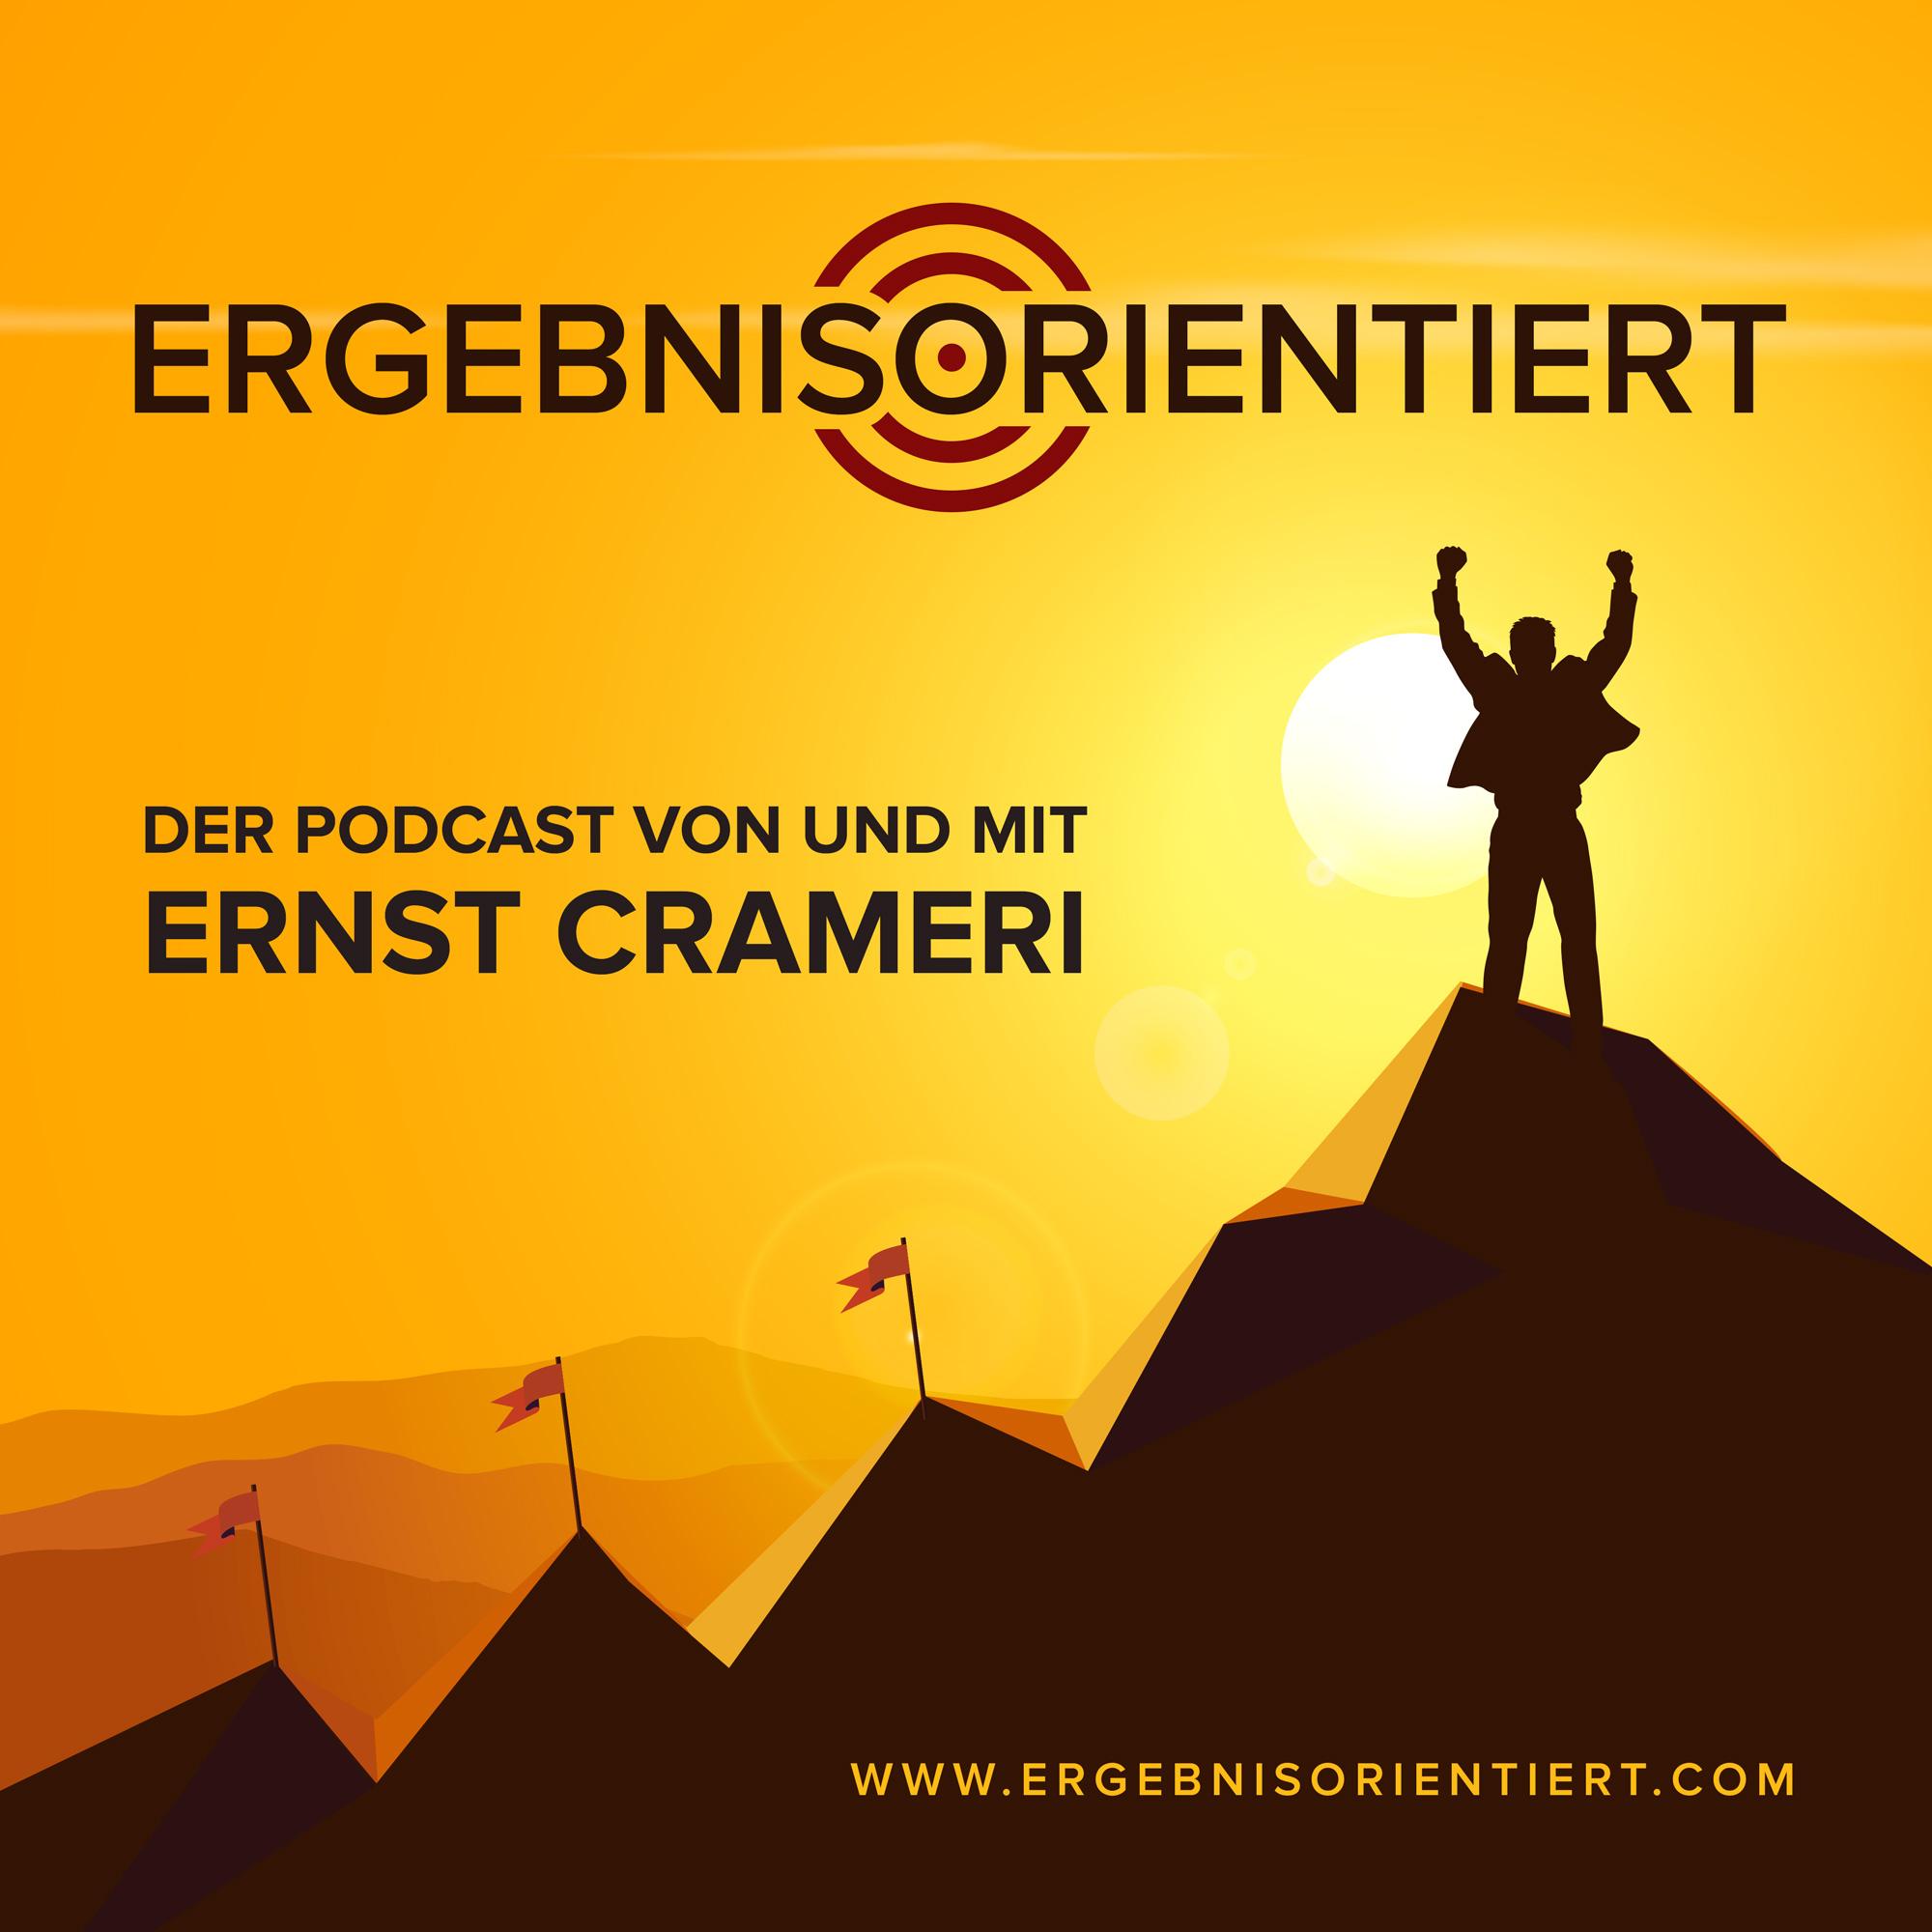 Artwork for 301 Das Erfolg Magazin berichtet über das Leben von Ernst Crameri